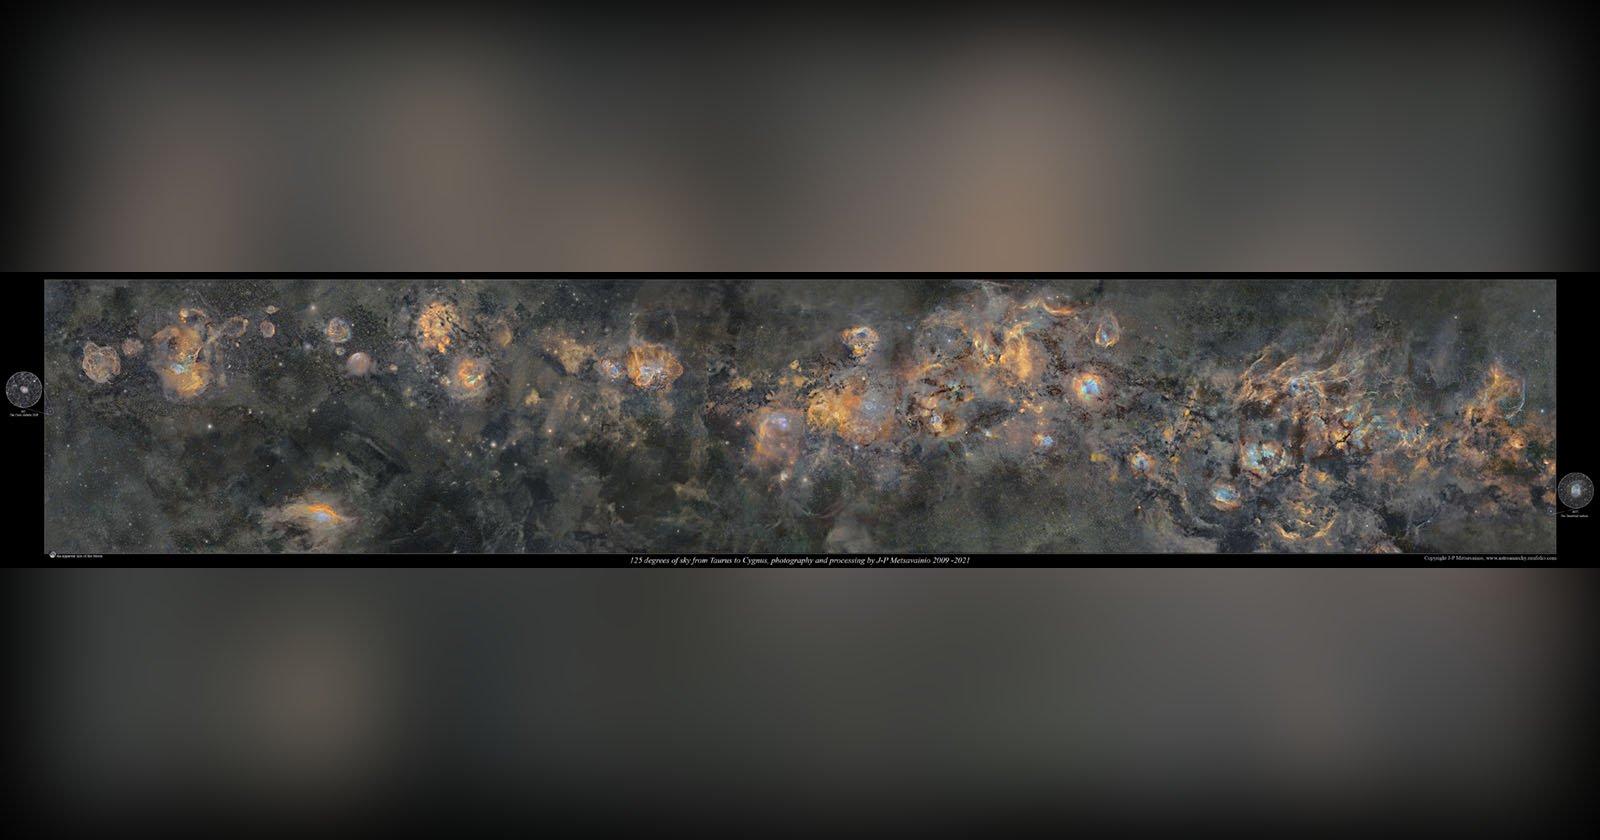 Il fotografo trascorre 12 anni, 1250 ore, esponendo la foto della Via Lattea